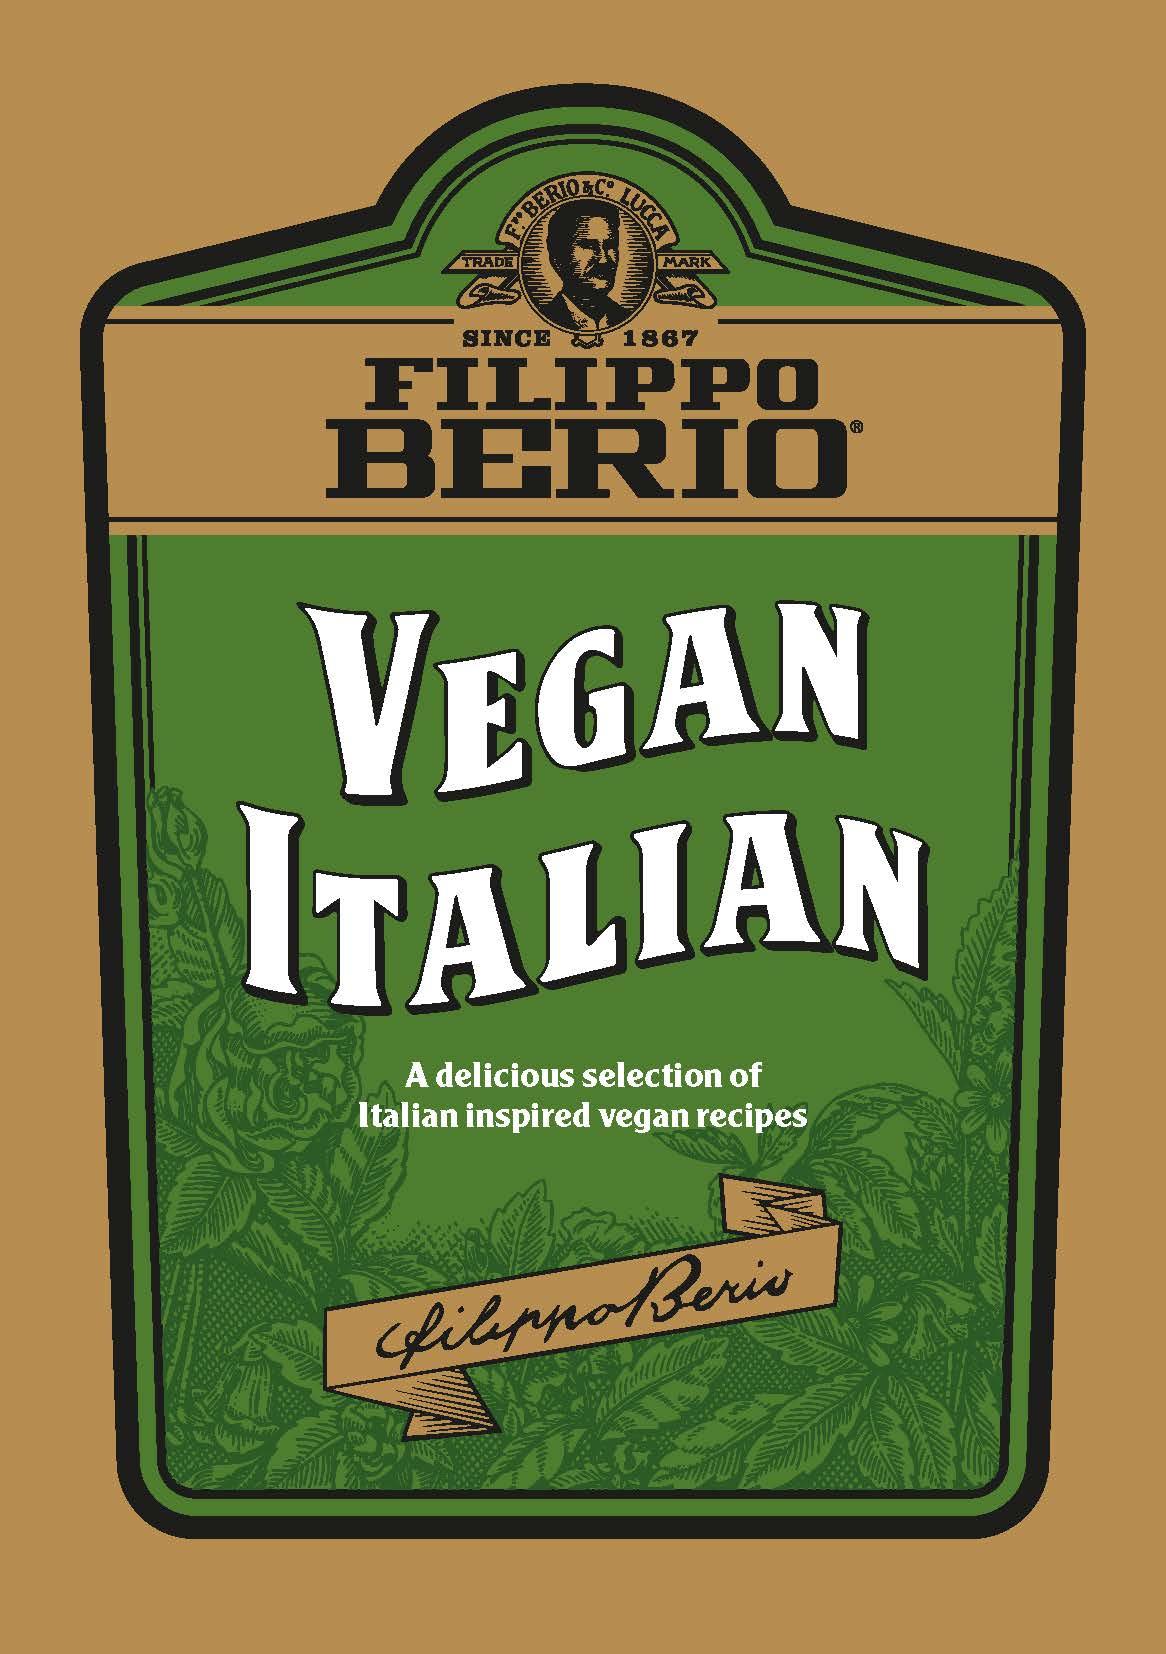 Free Felippo Berio Recipe Booklets